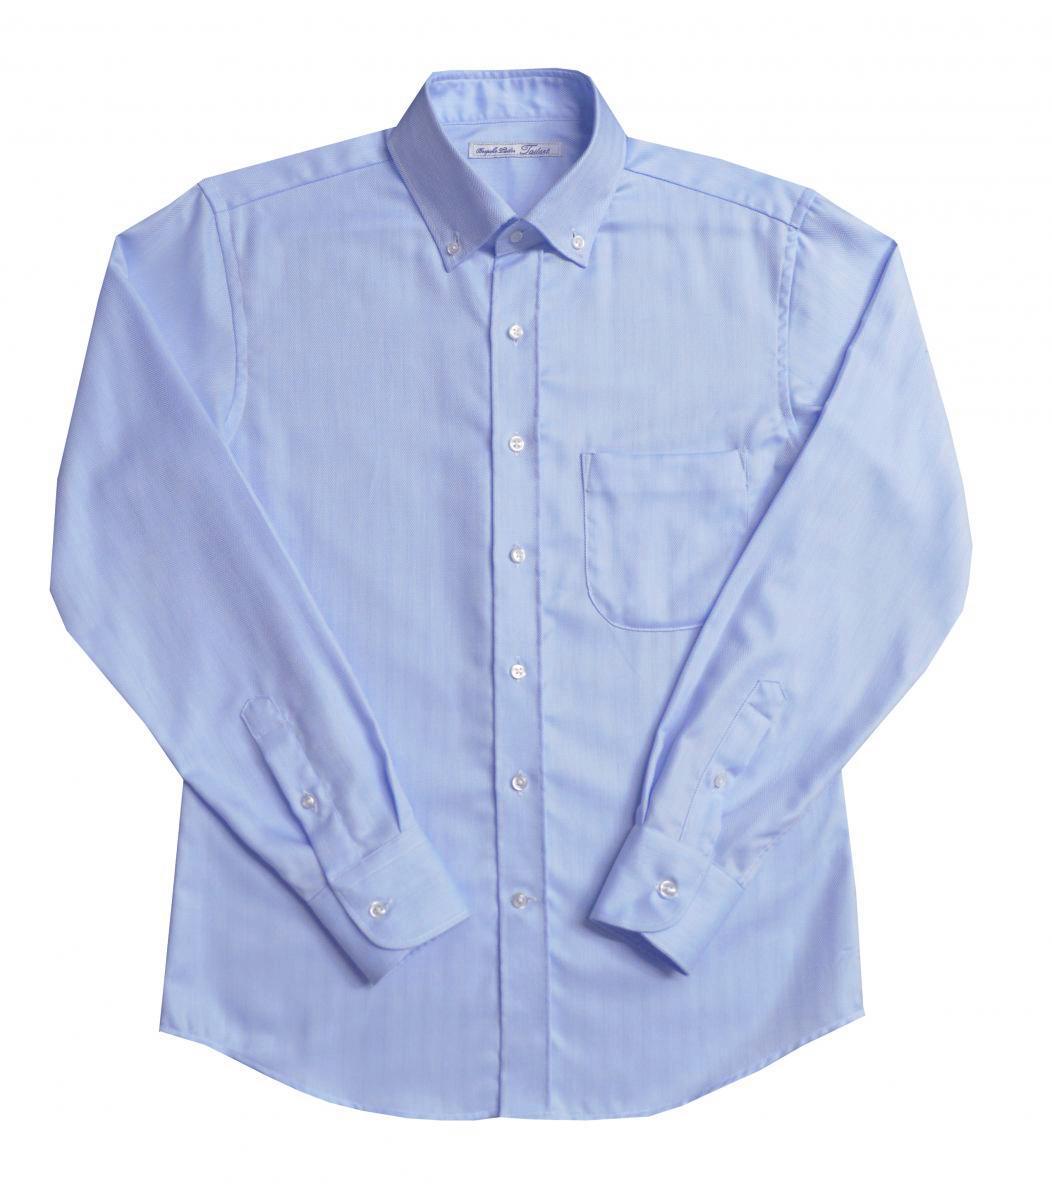 [オーダーシャツ]コットン100%×ヘリンボーン柄で上品に!